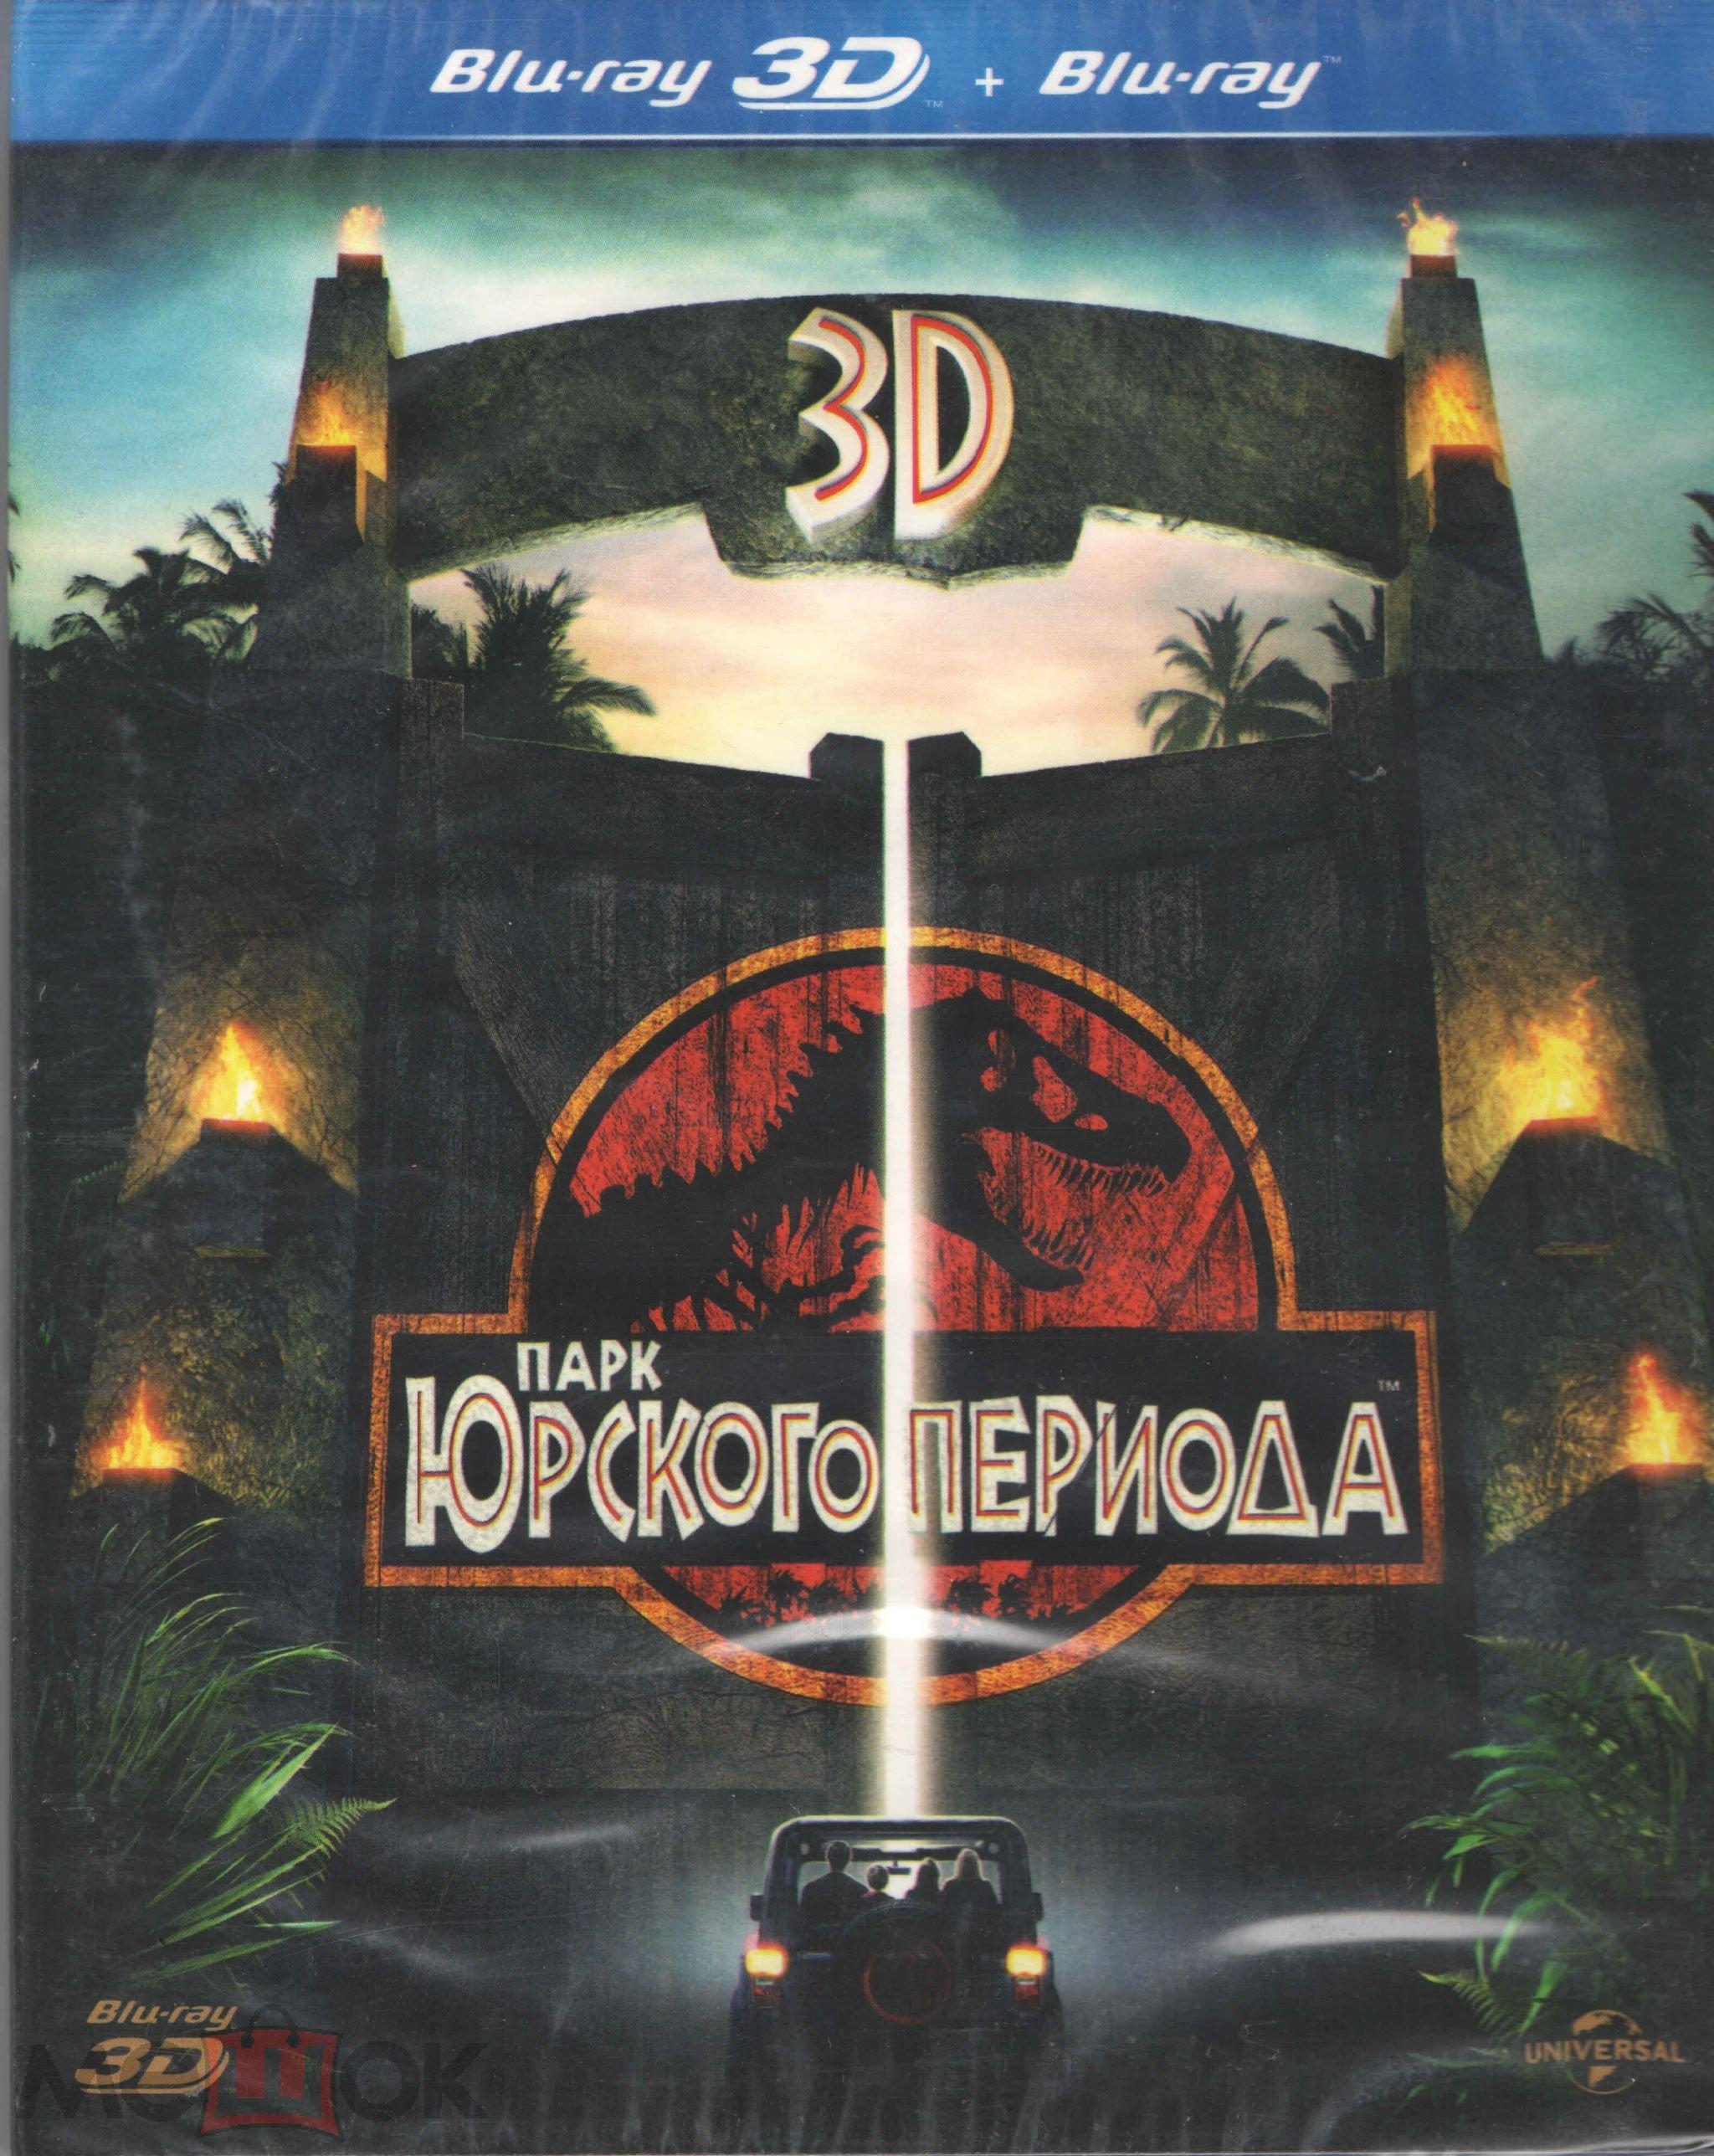 Парк Юрского периода - Blu-Ray 3D + 2D (Лицензия. Запечатан)